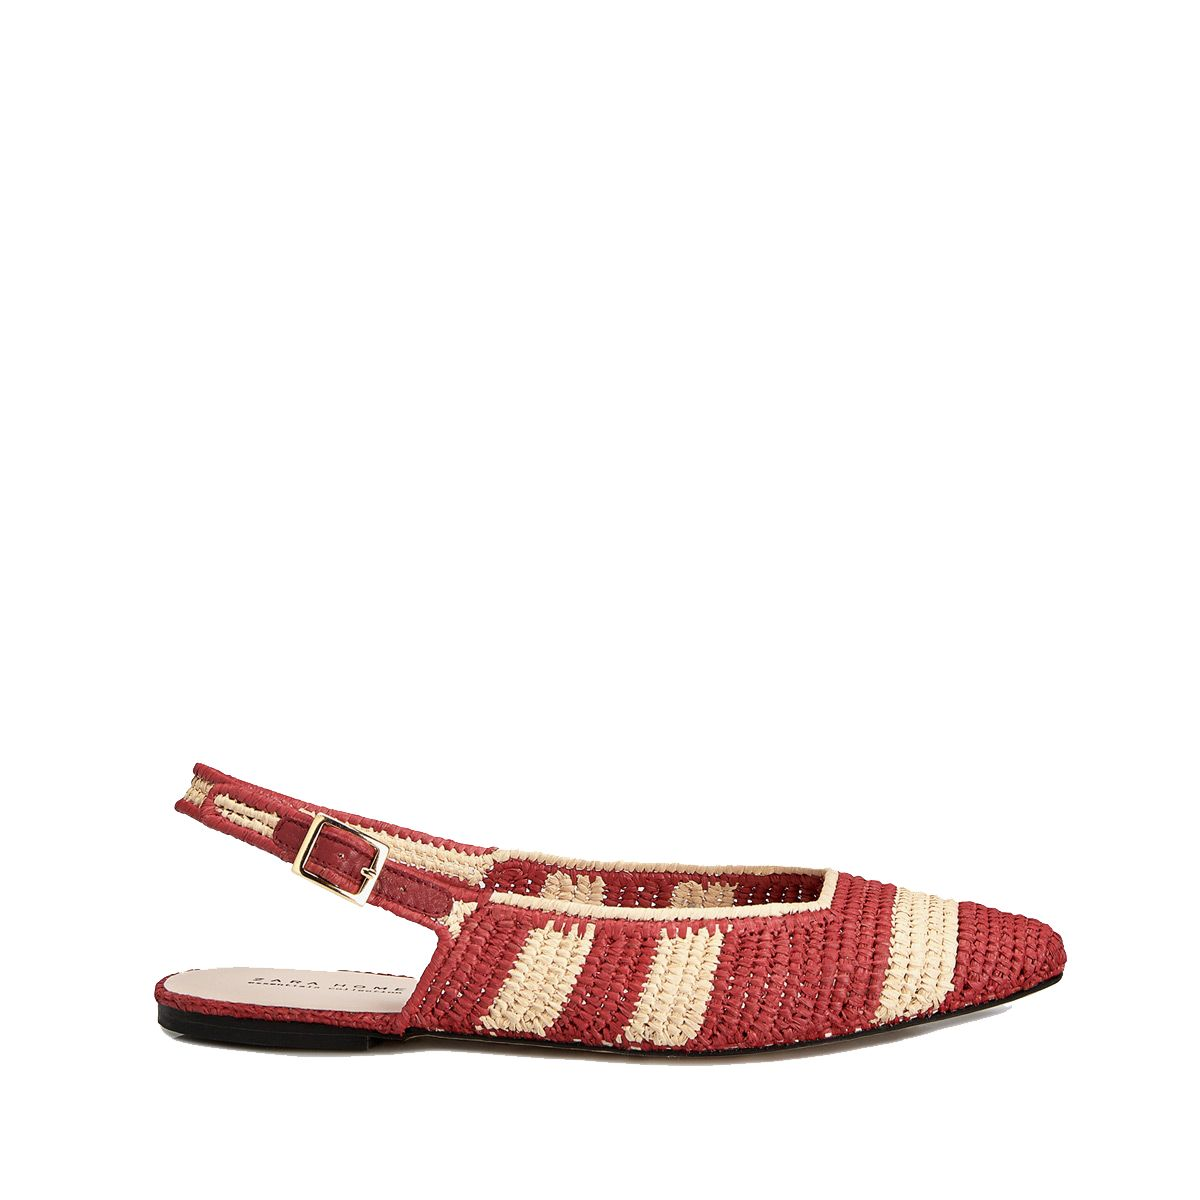 Bonitos Zapatos Que Y Más Zara Nos Vende De Se Home Siempre Los UMGqpSzV